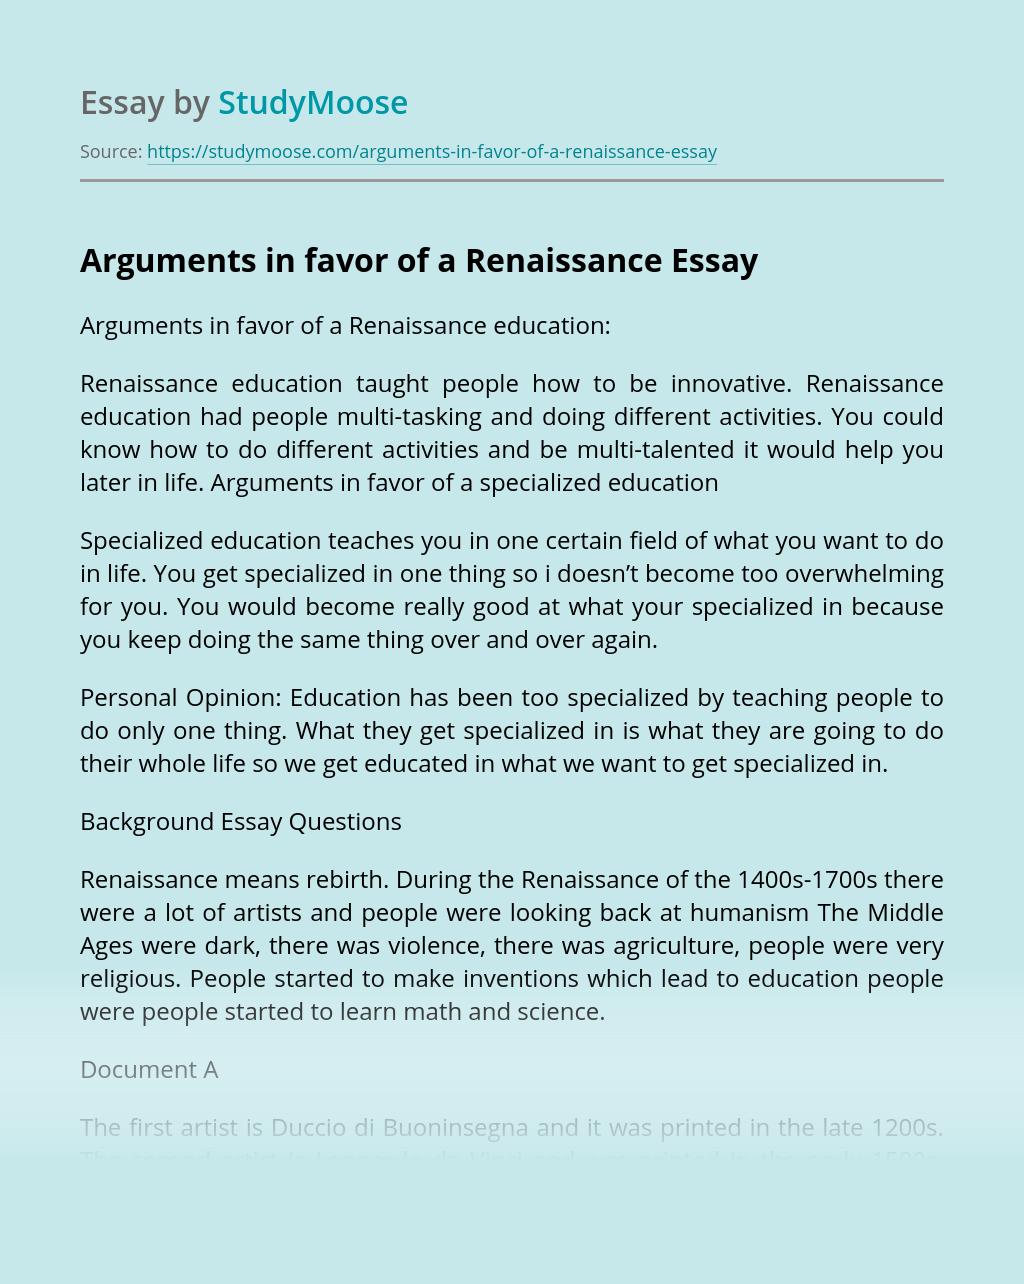 Arguments in favor of a Renaissance